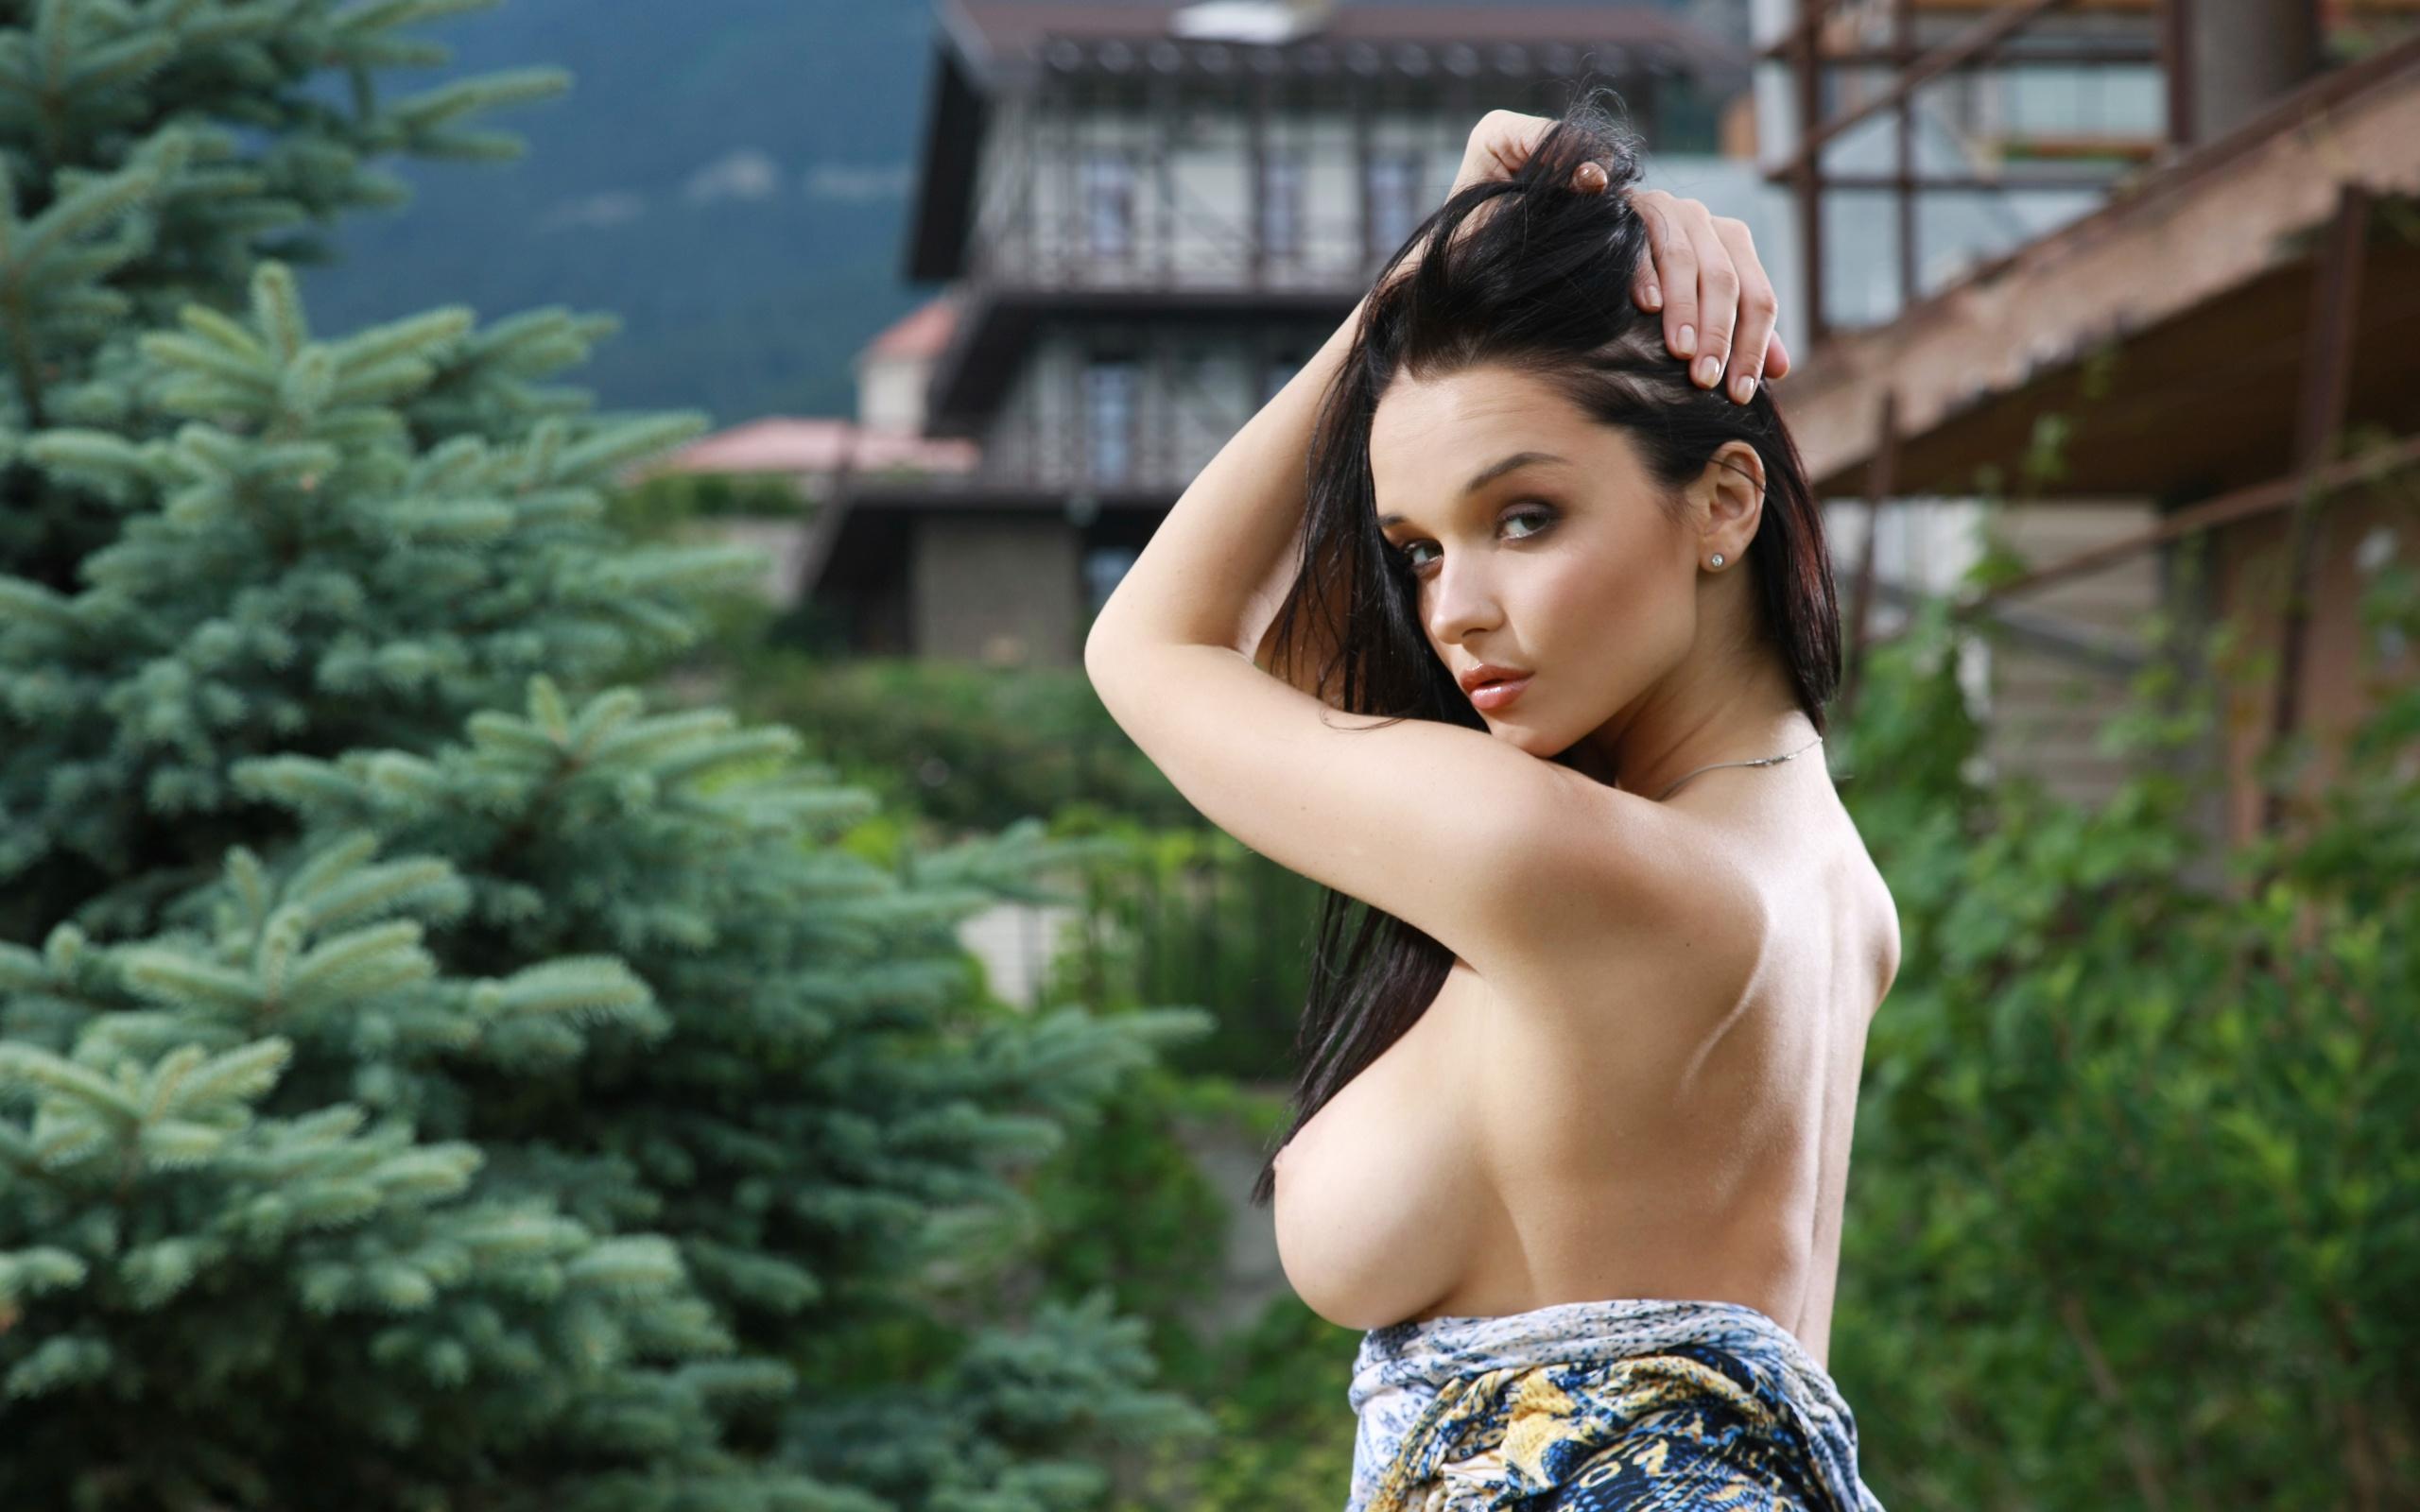 Худые девушки фото с большой грудью 2 фотография